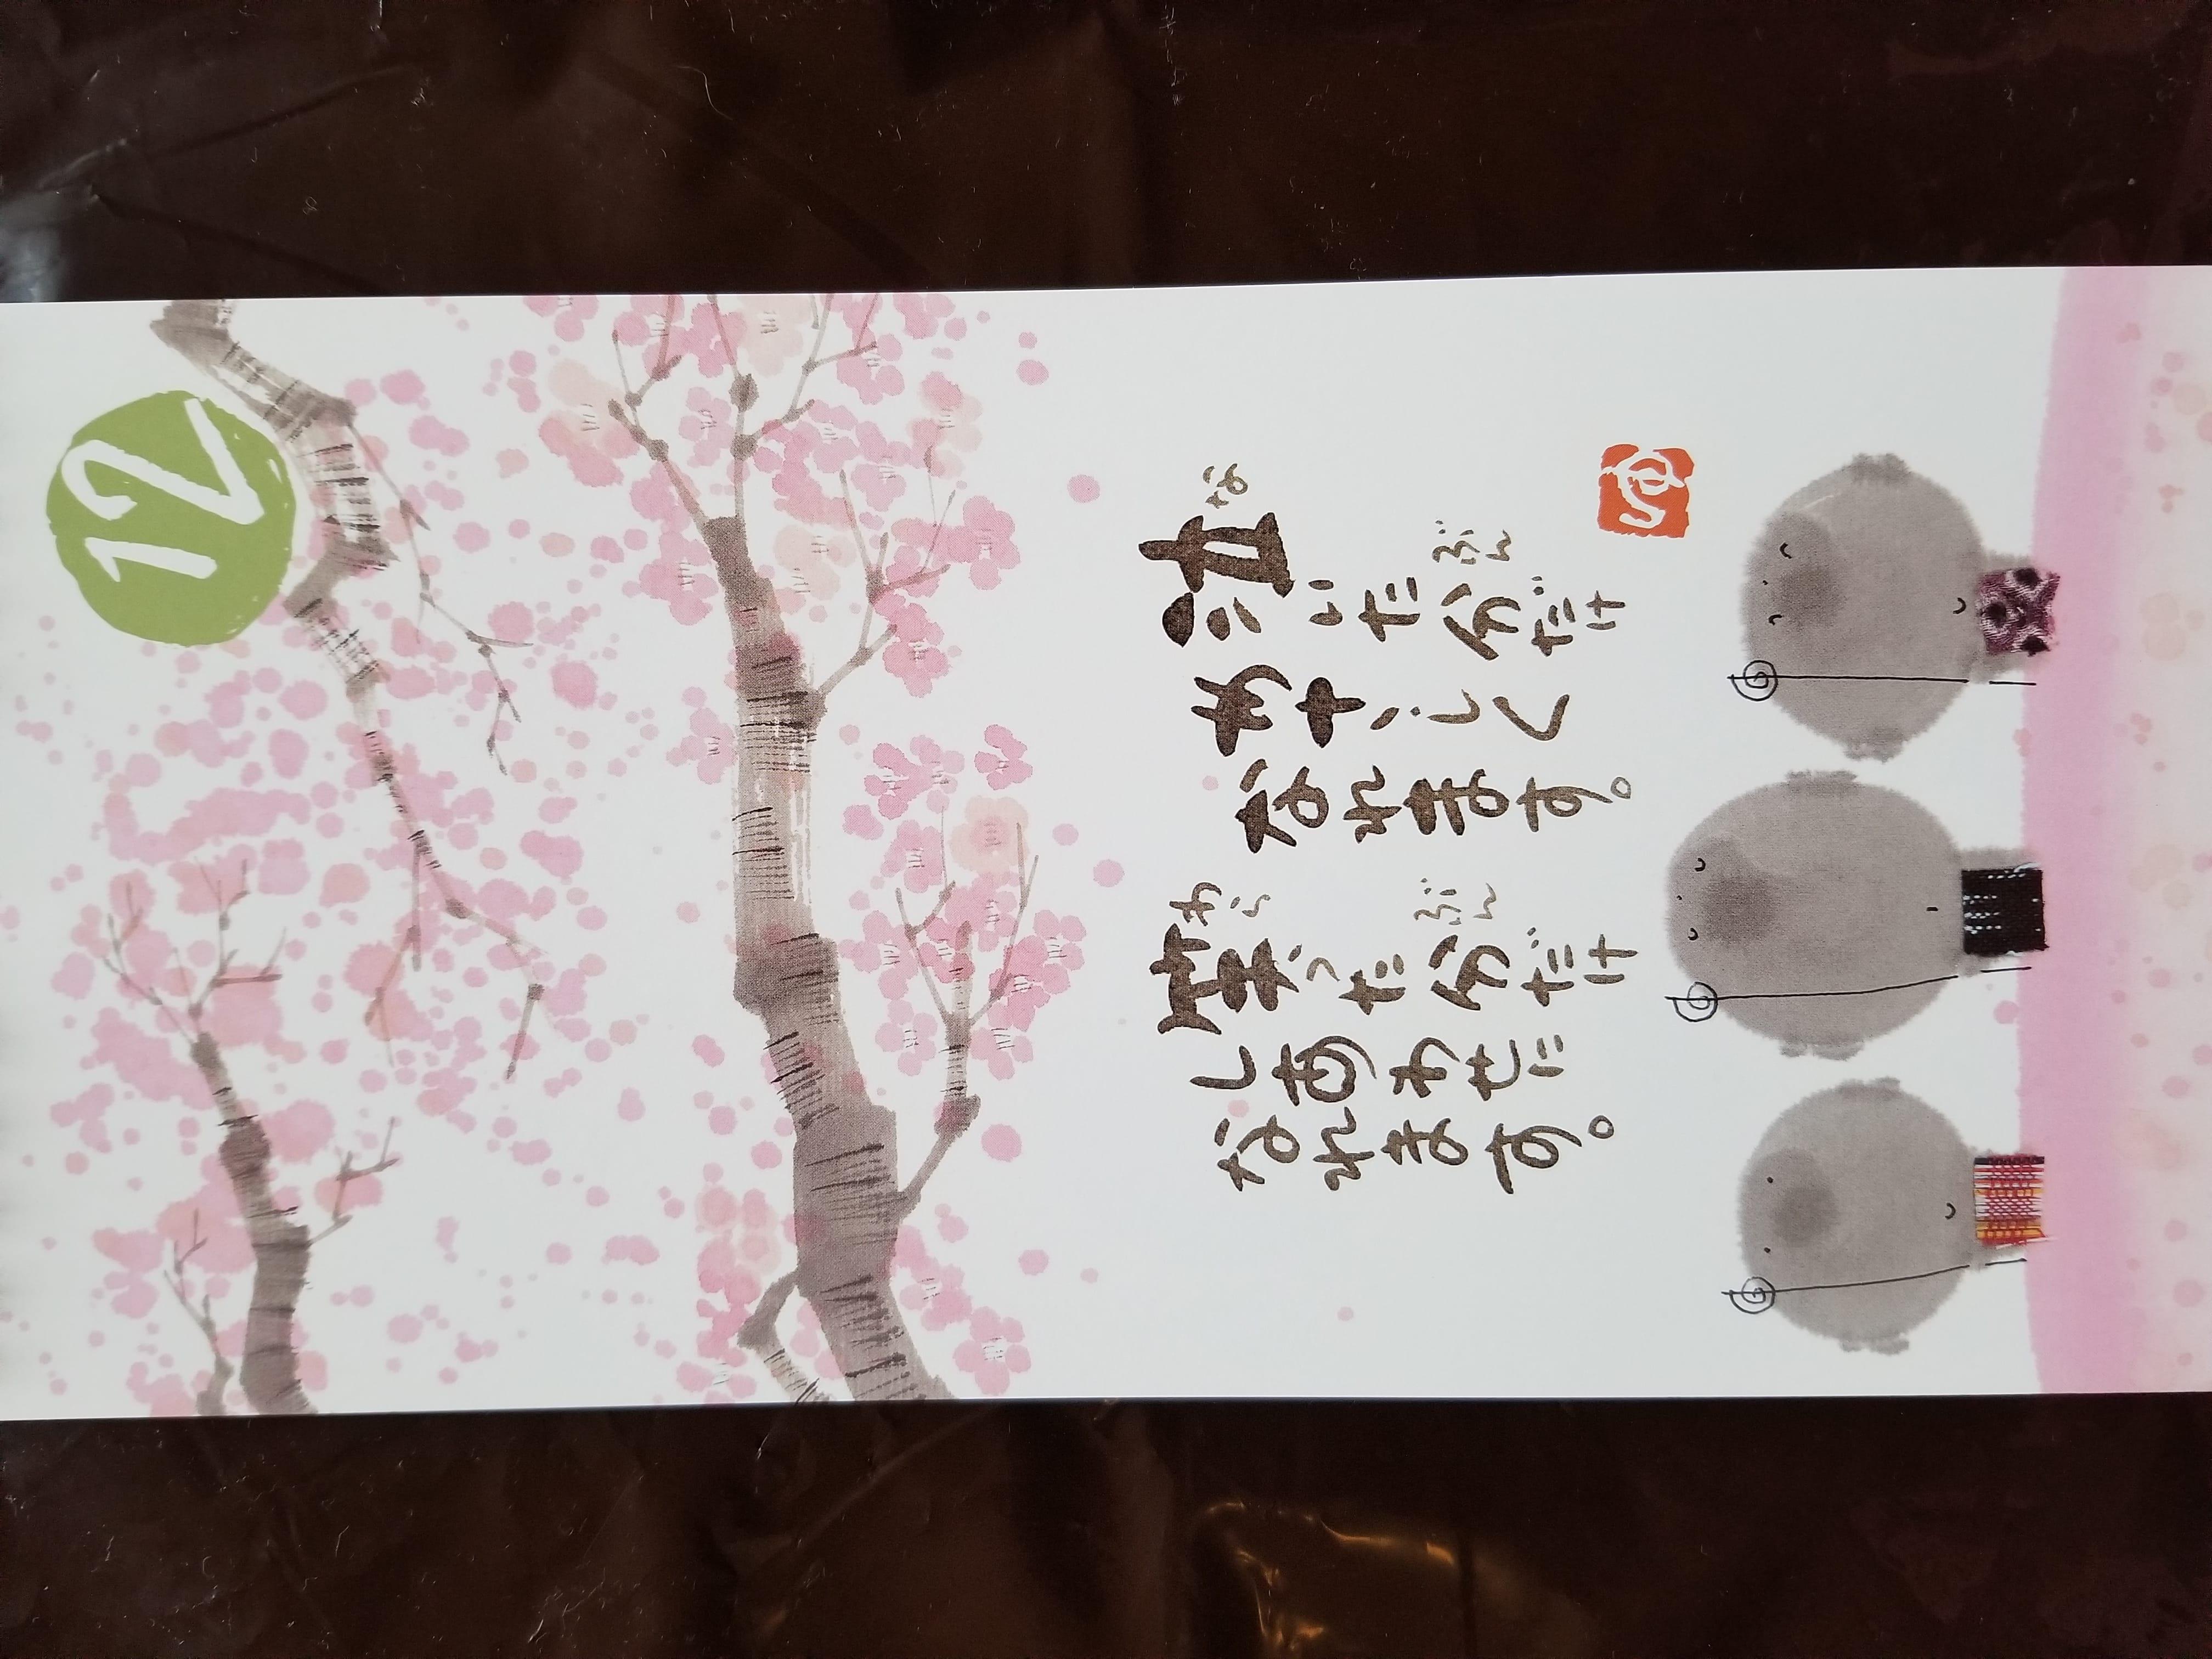 智里(ちさと)「☆おはようございます☆」12/12(火) 07:19   智里(ちさと)の写メ・風俗動画